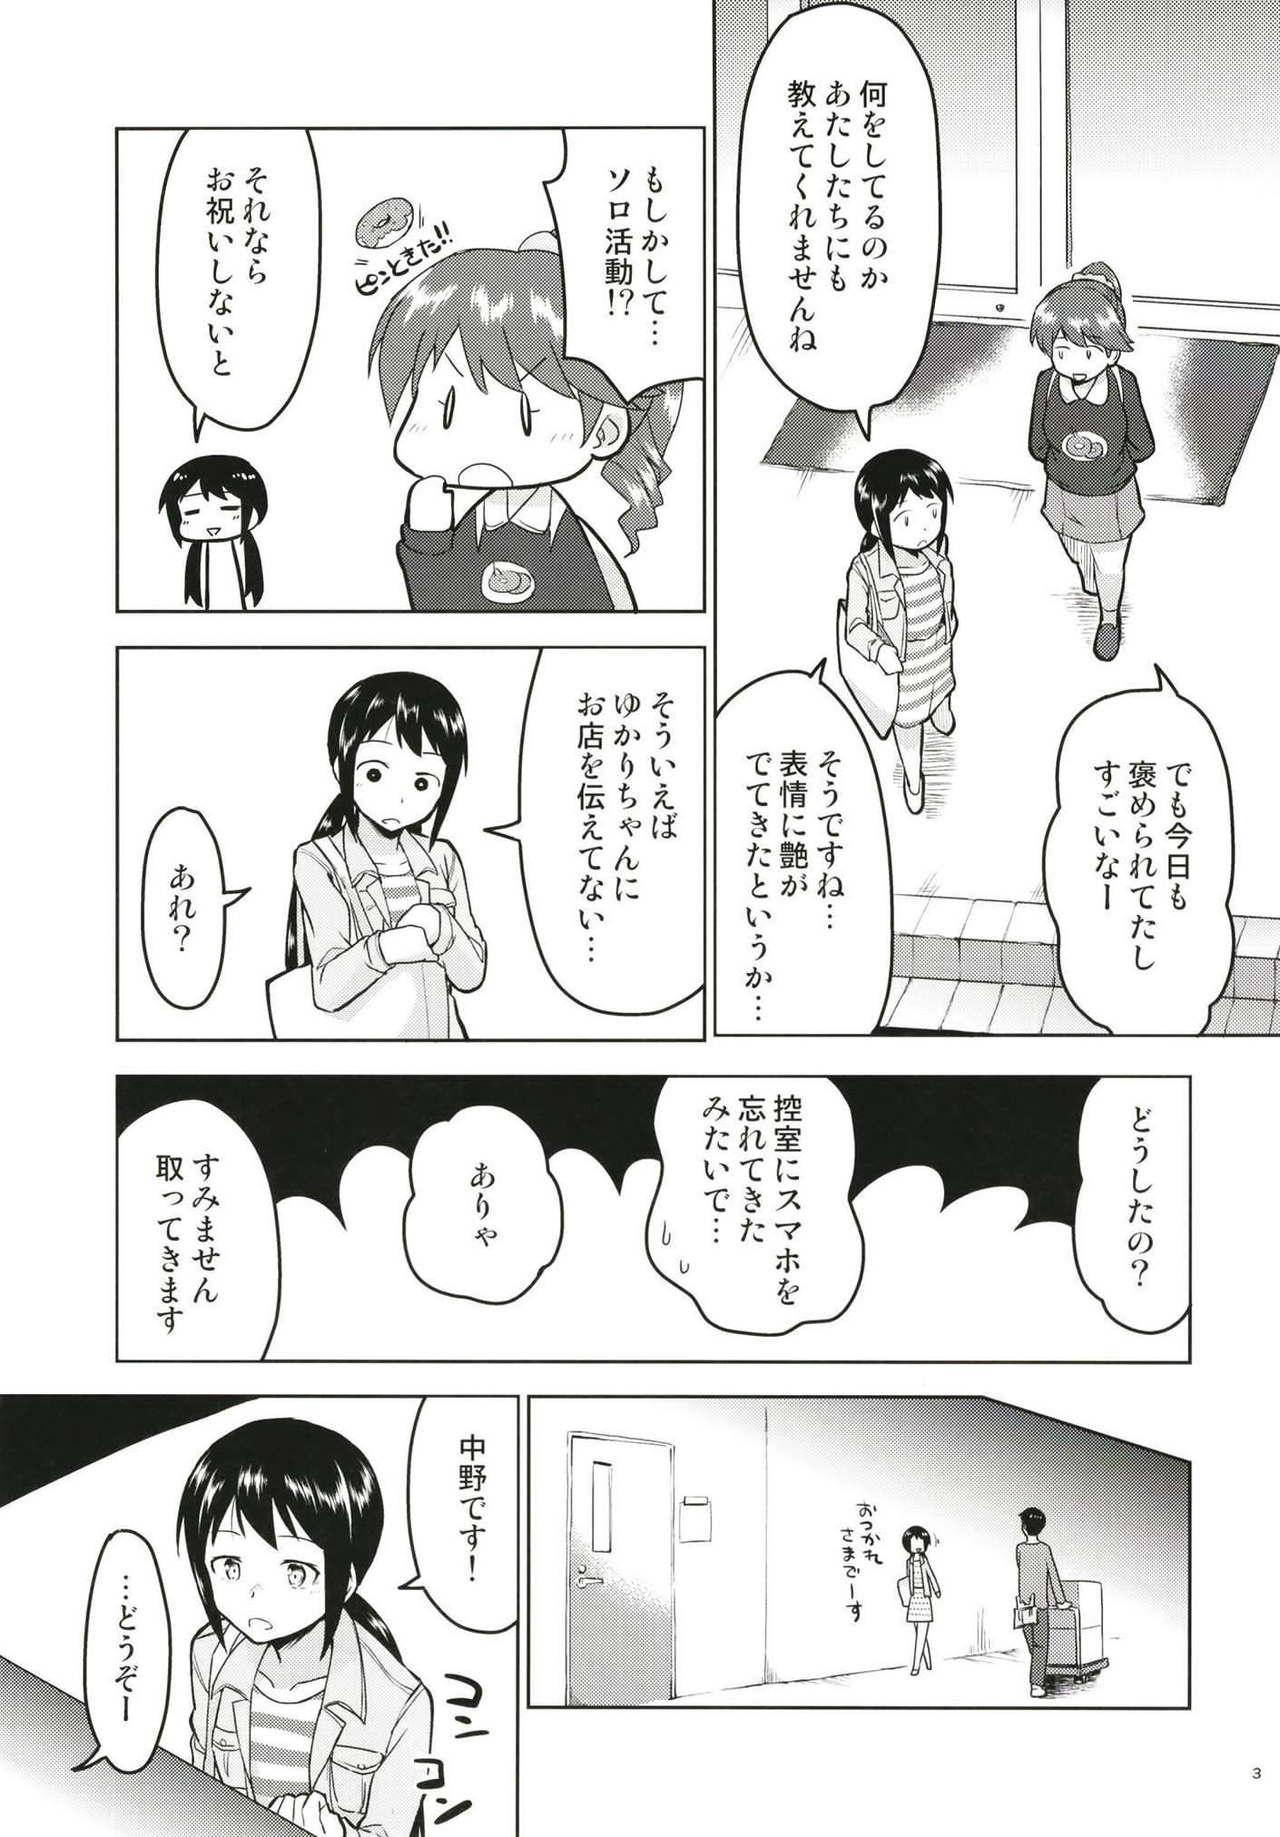 Anoko ni Naisho no Uchiawase 3